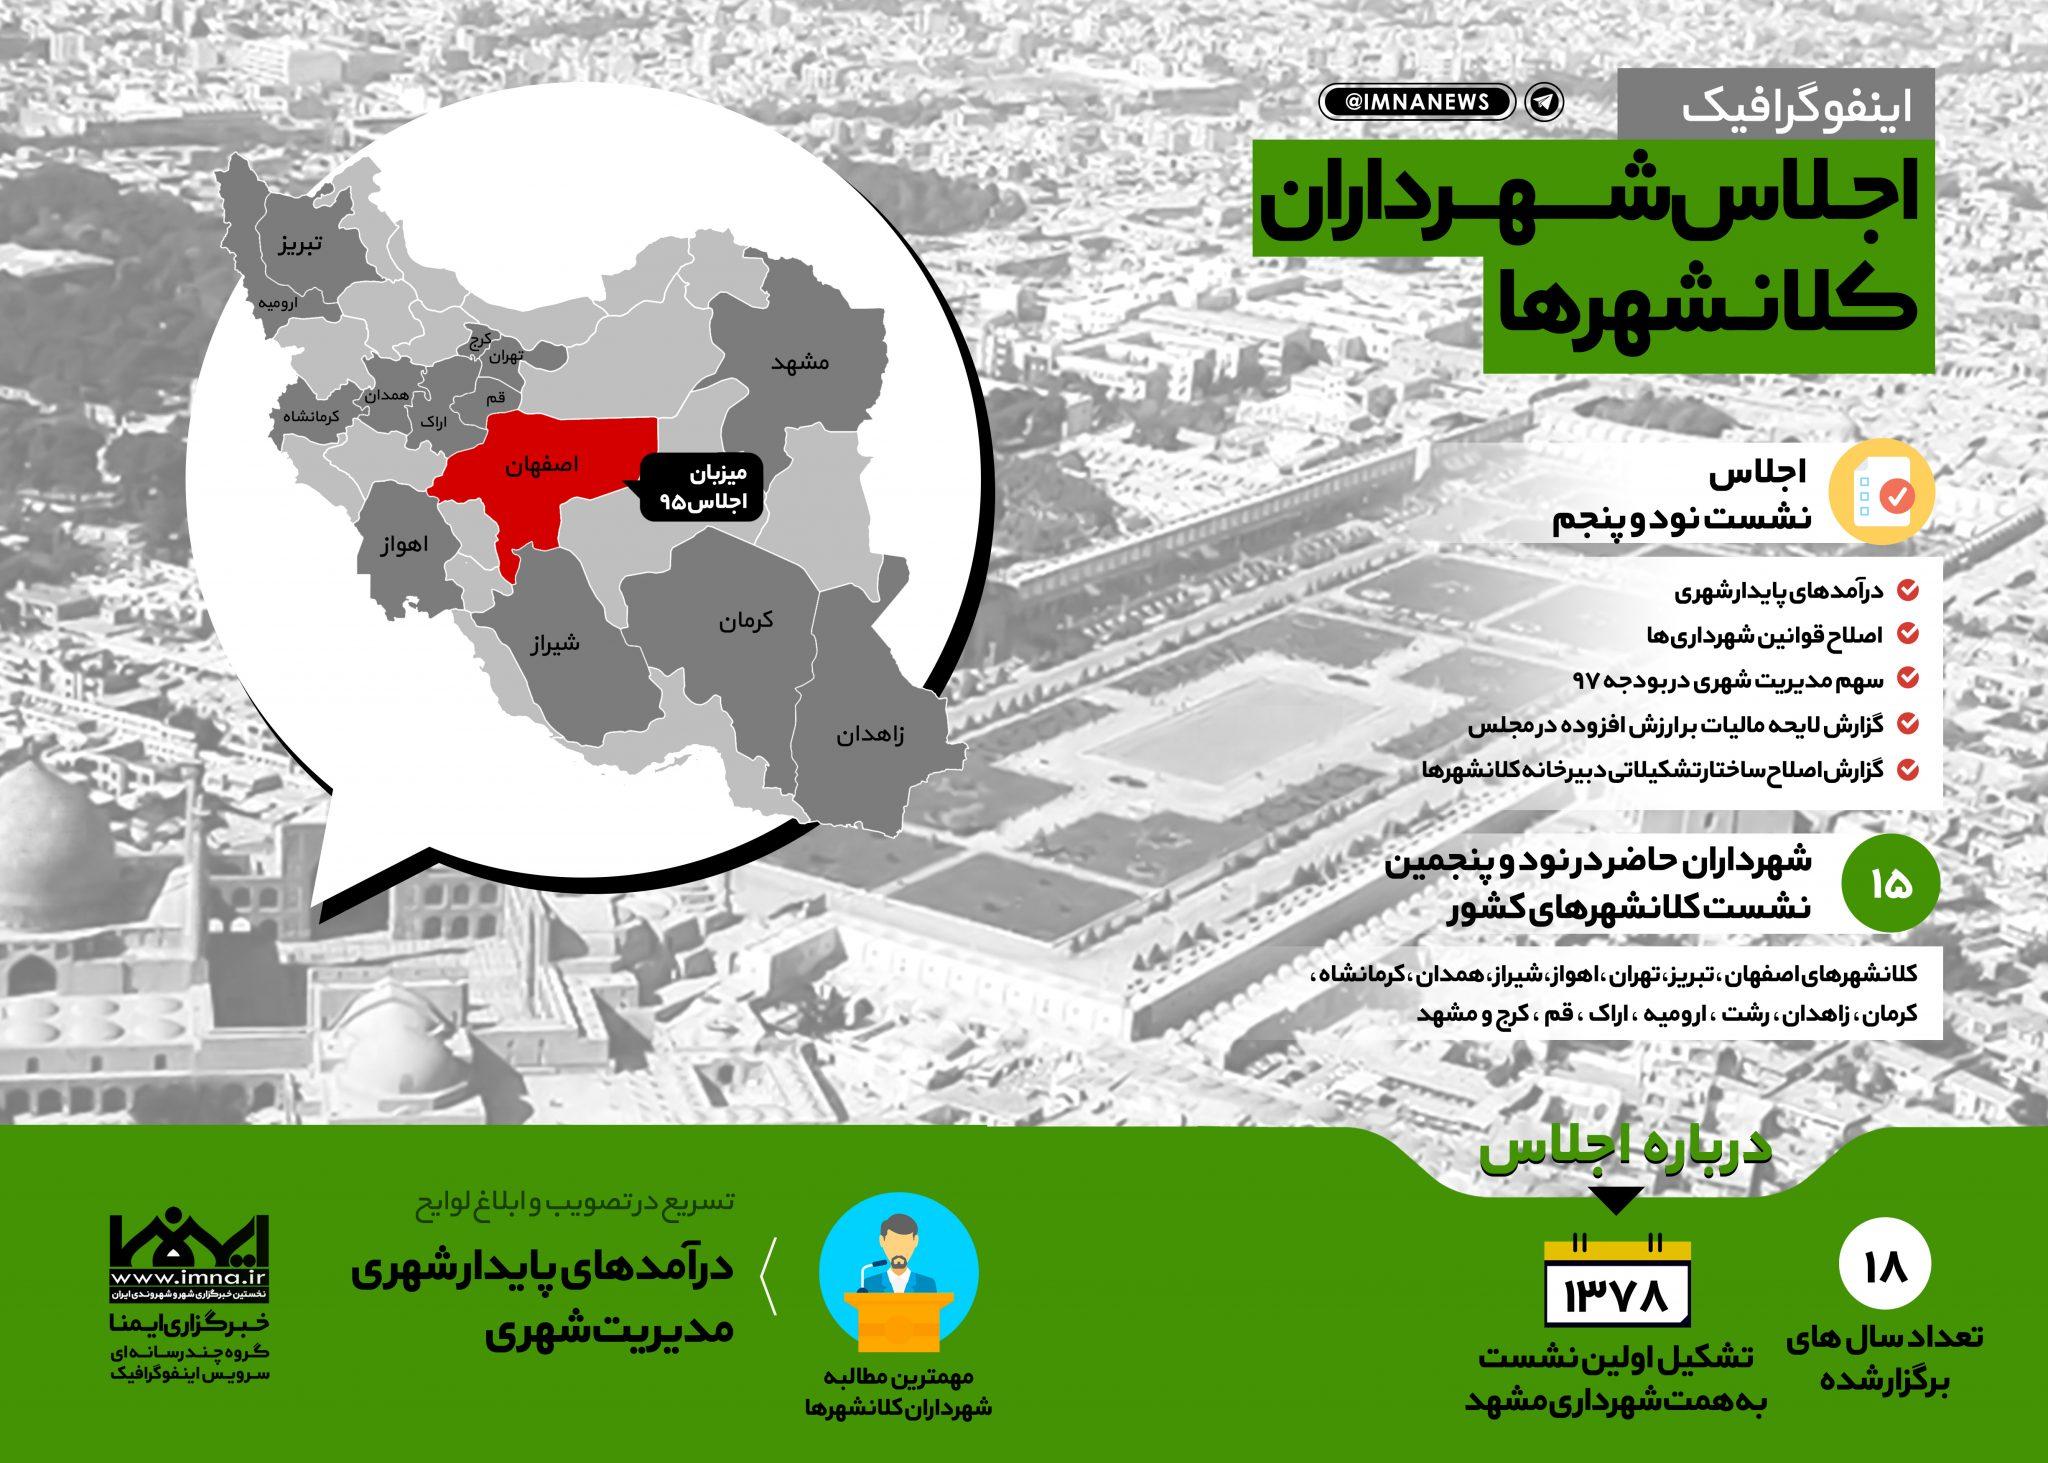 اینفوگرافیک اجلاس شهرداران کلانشهرها